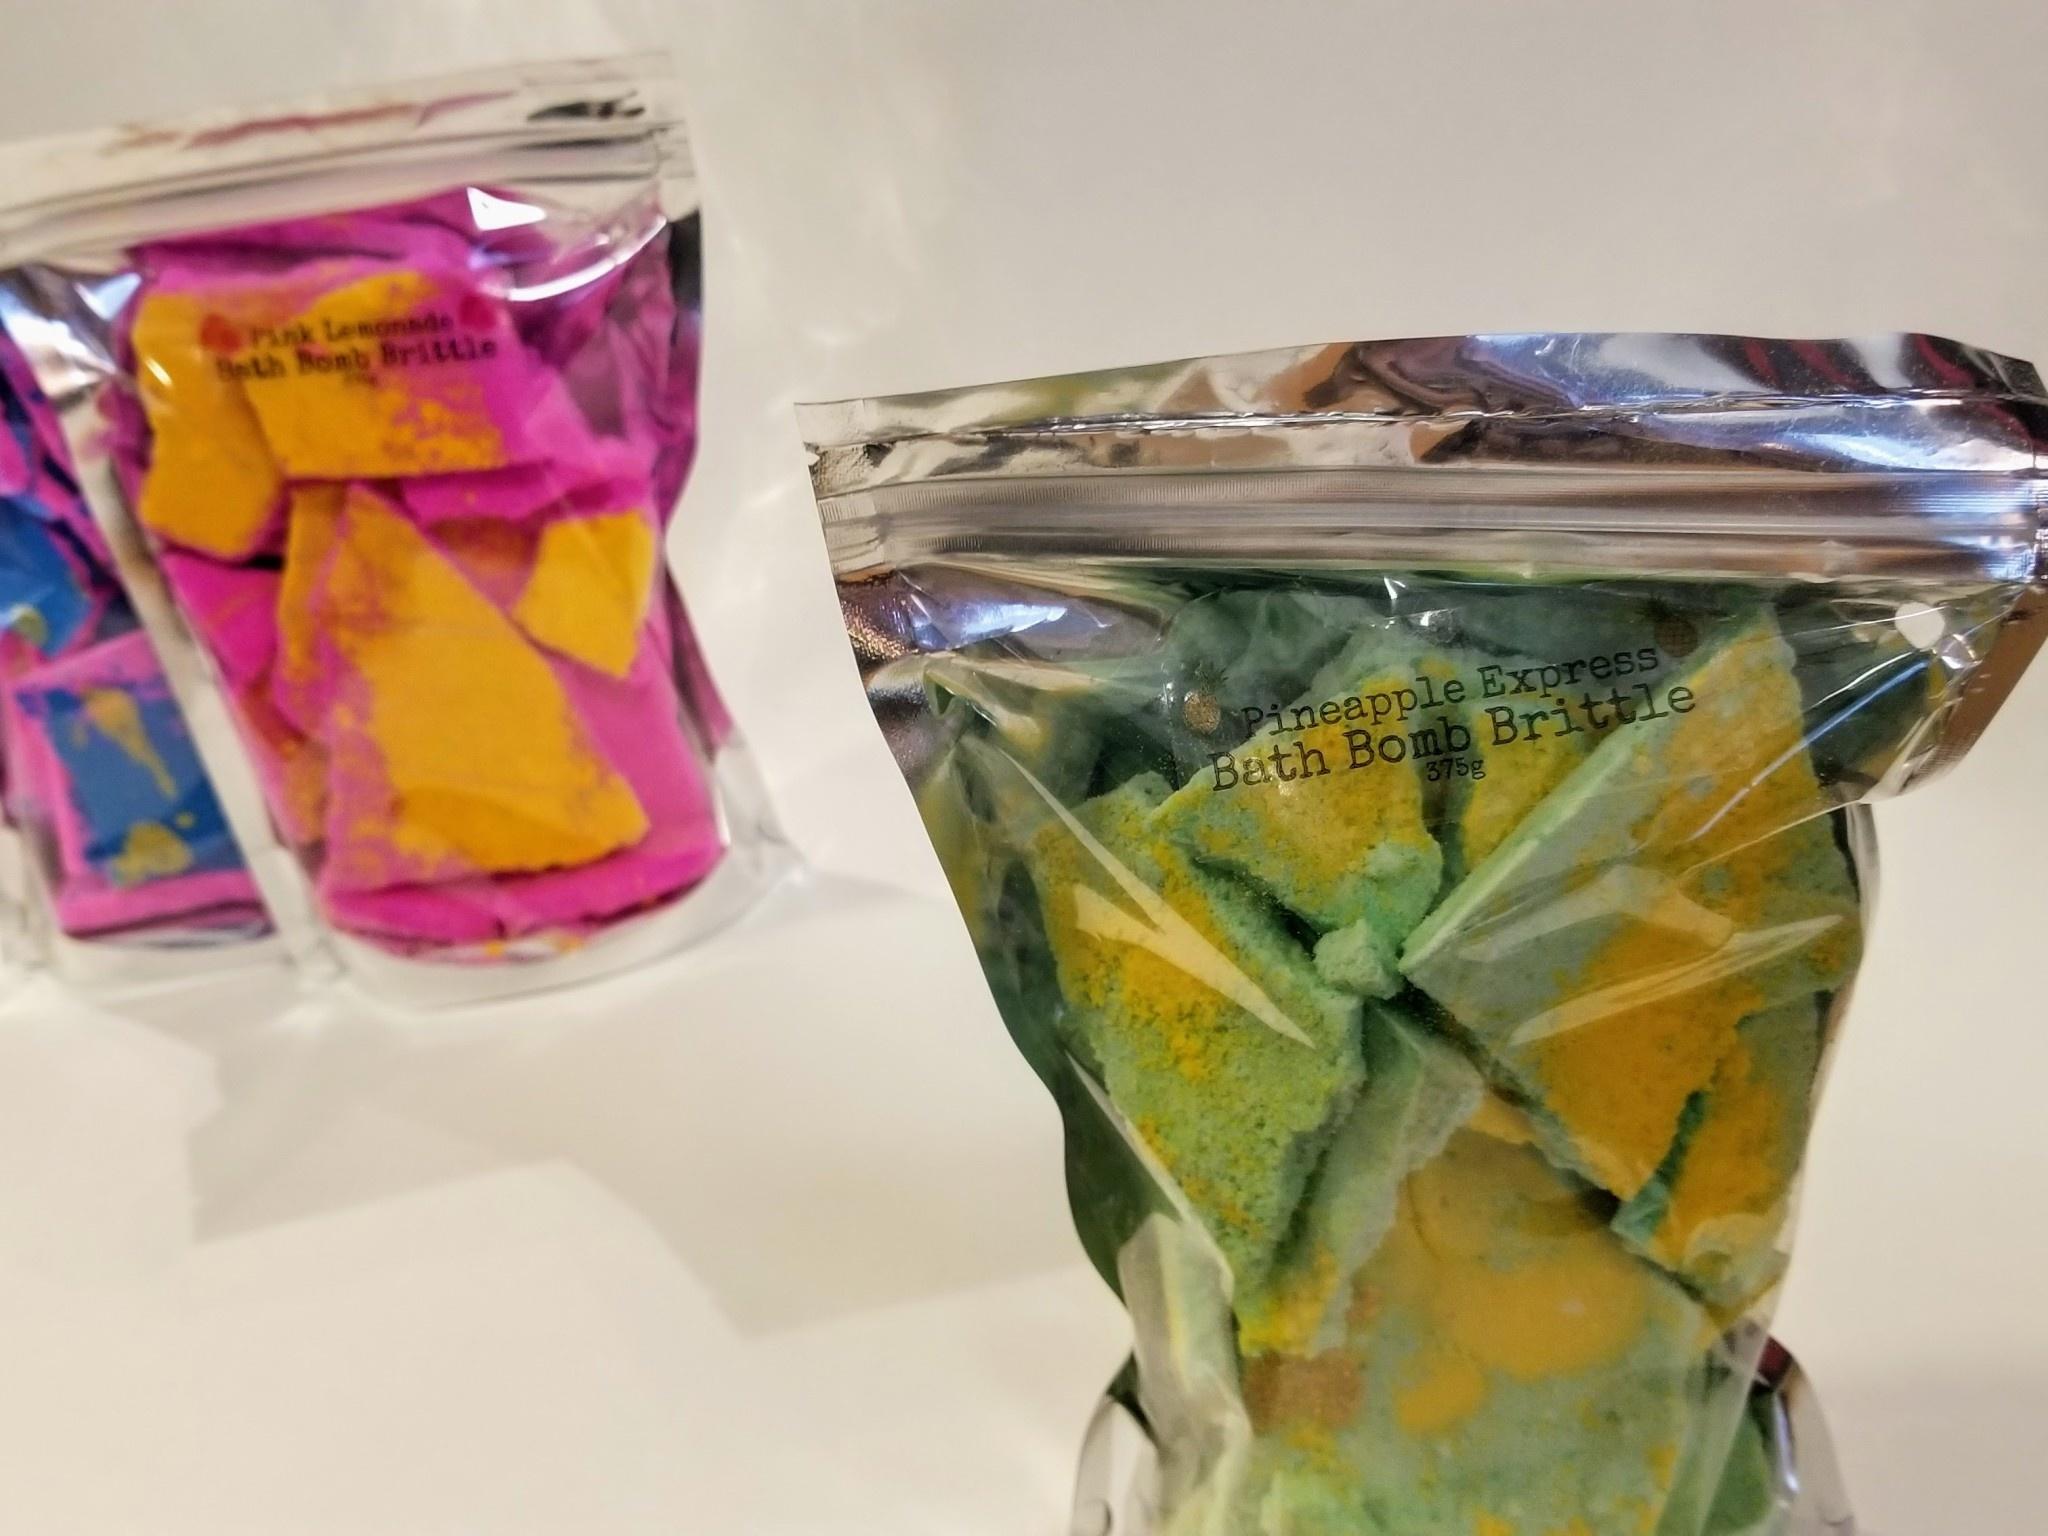 Flower Child Bath Brittle: Pineapple Express